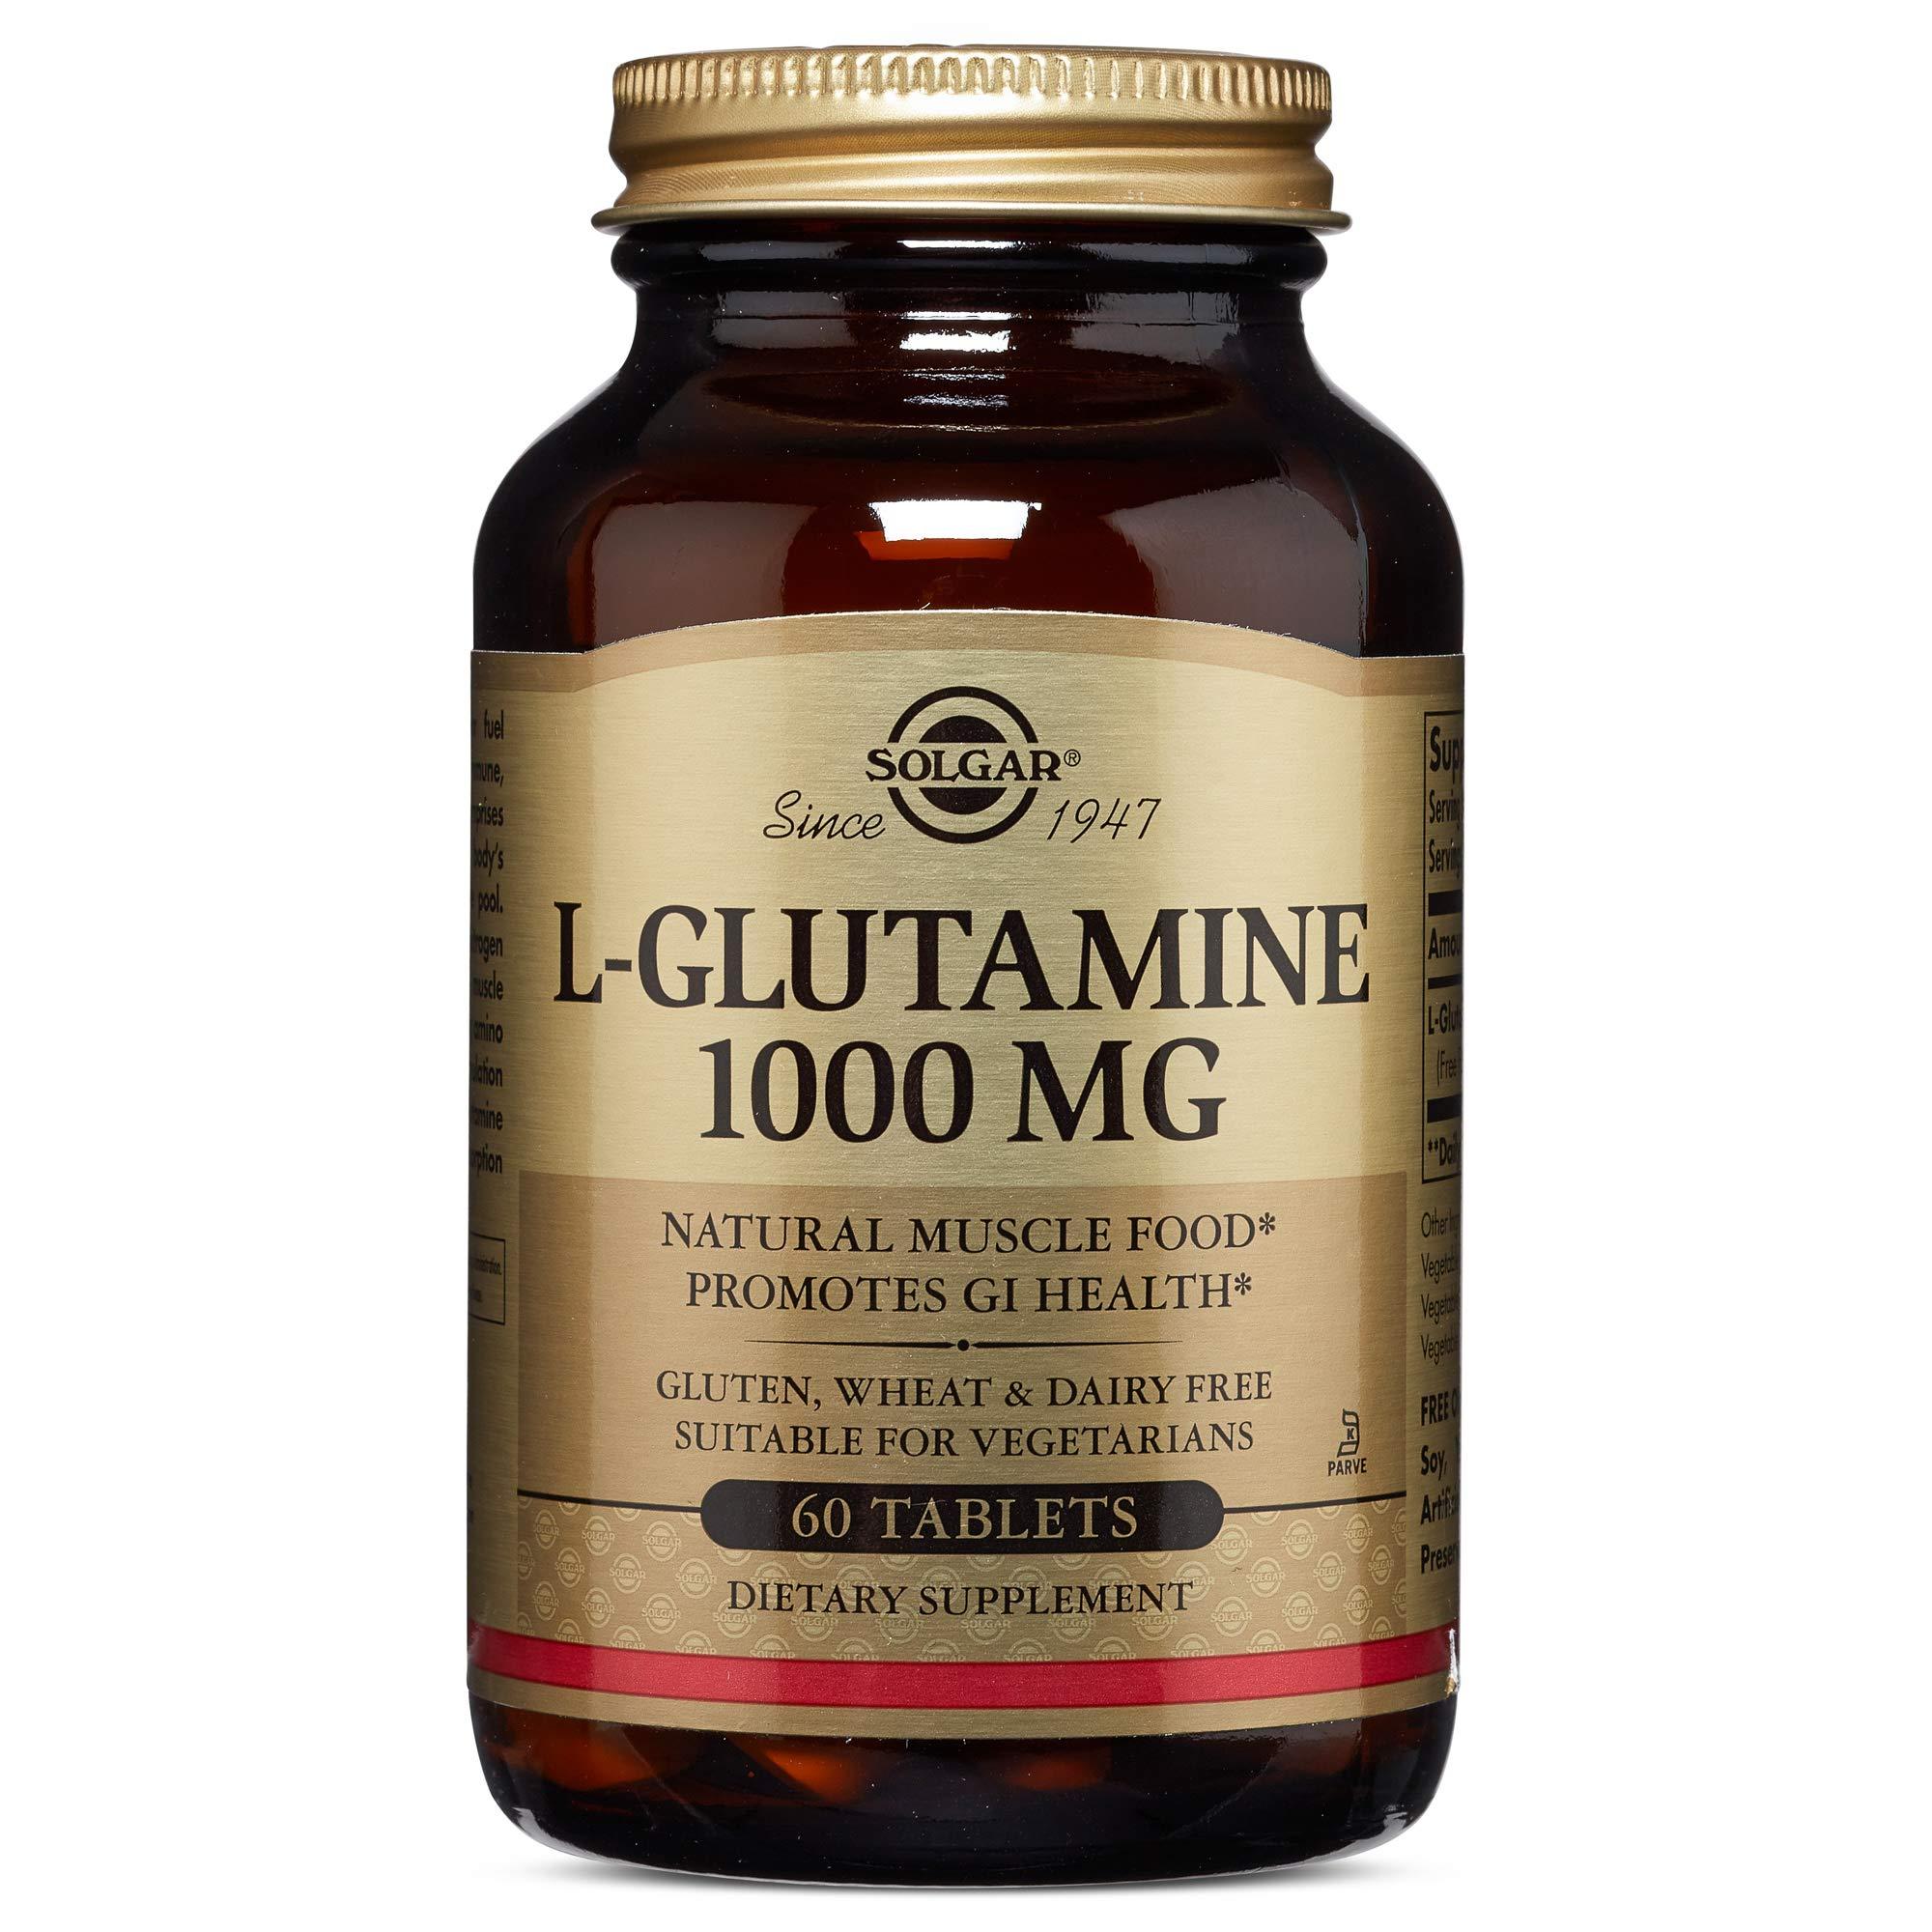 Solgar - L-Glutamine 1000 mg, 60 Tablets by Solgar